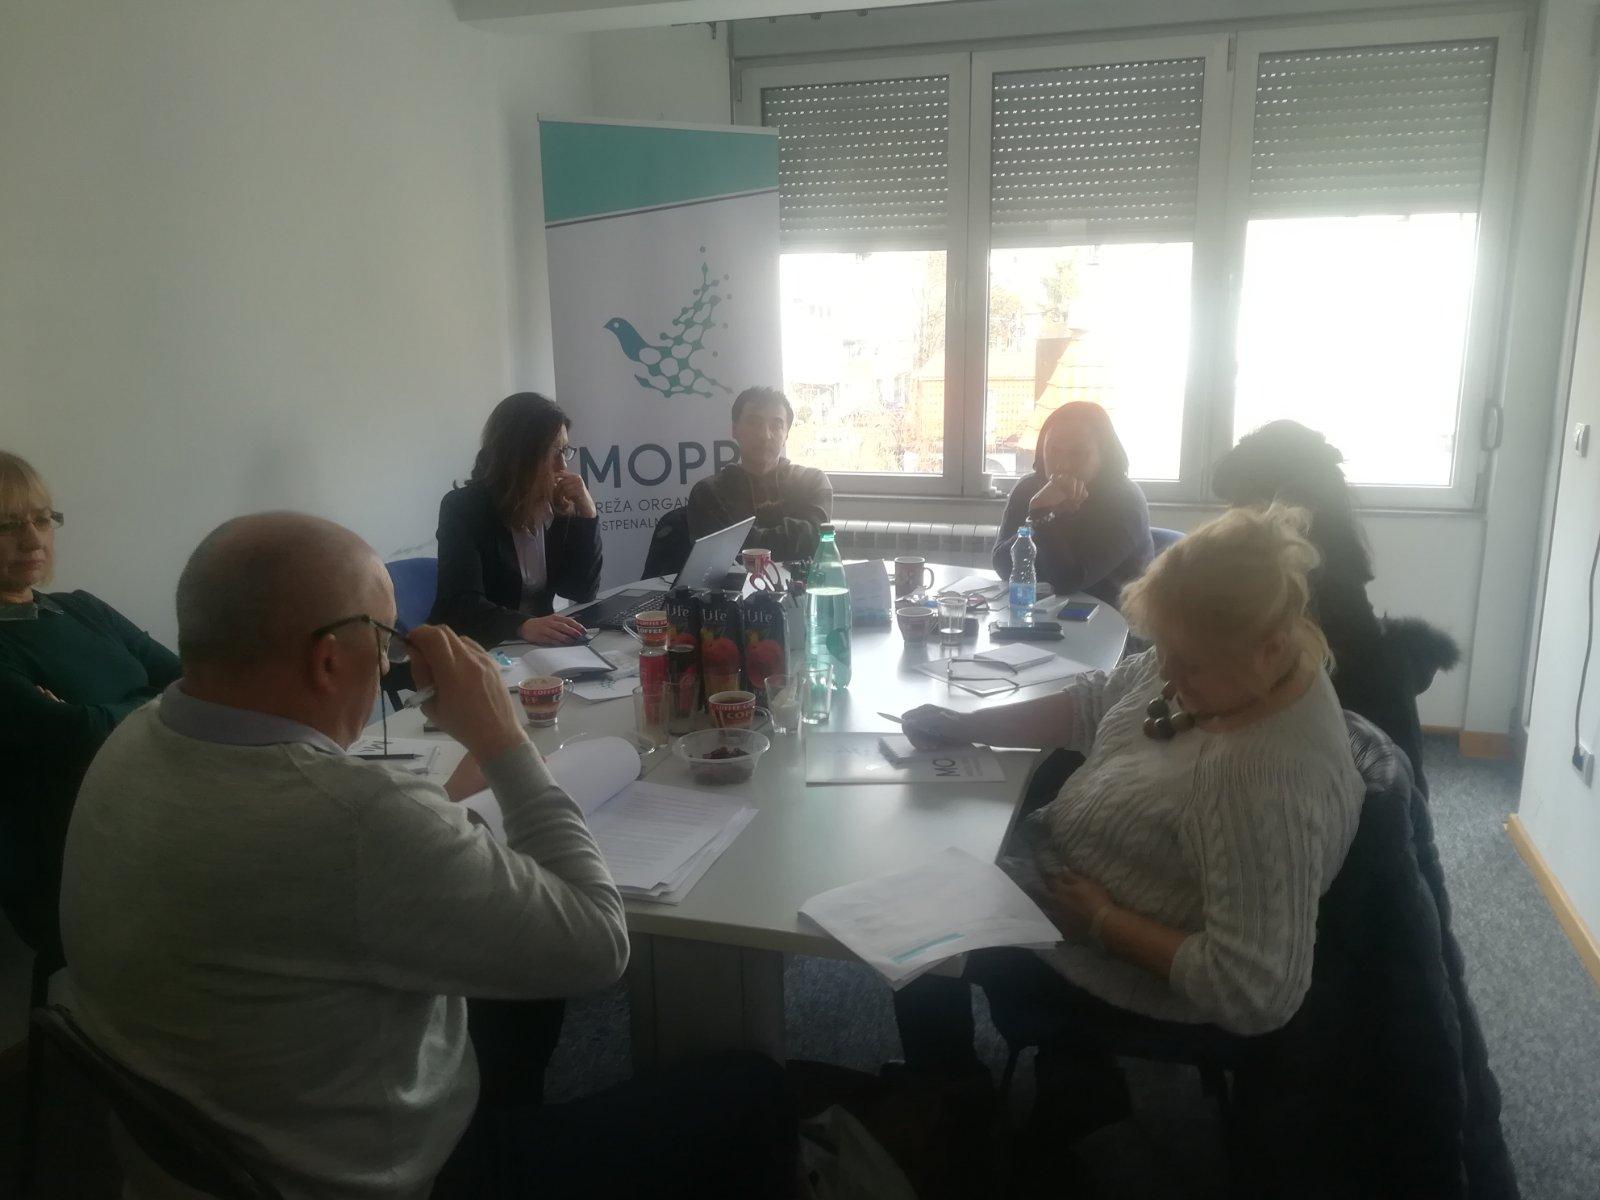 """Održani prvi sastanci radnih grupa u okviru projekta """"Jačanje uloge civilnog sektora u postpenalnom sistemu"""""""